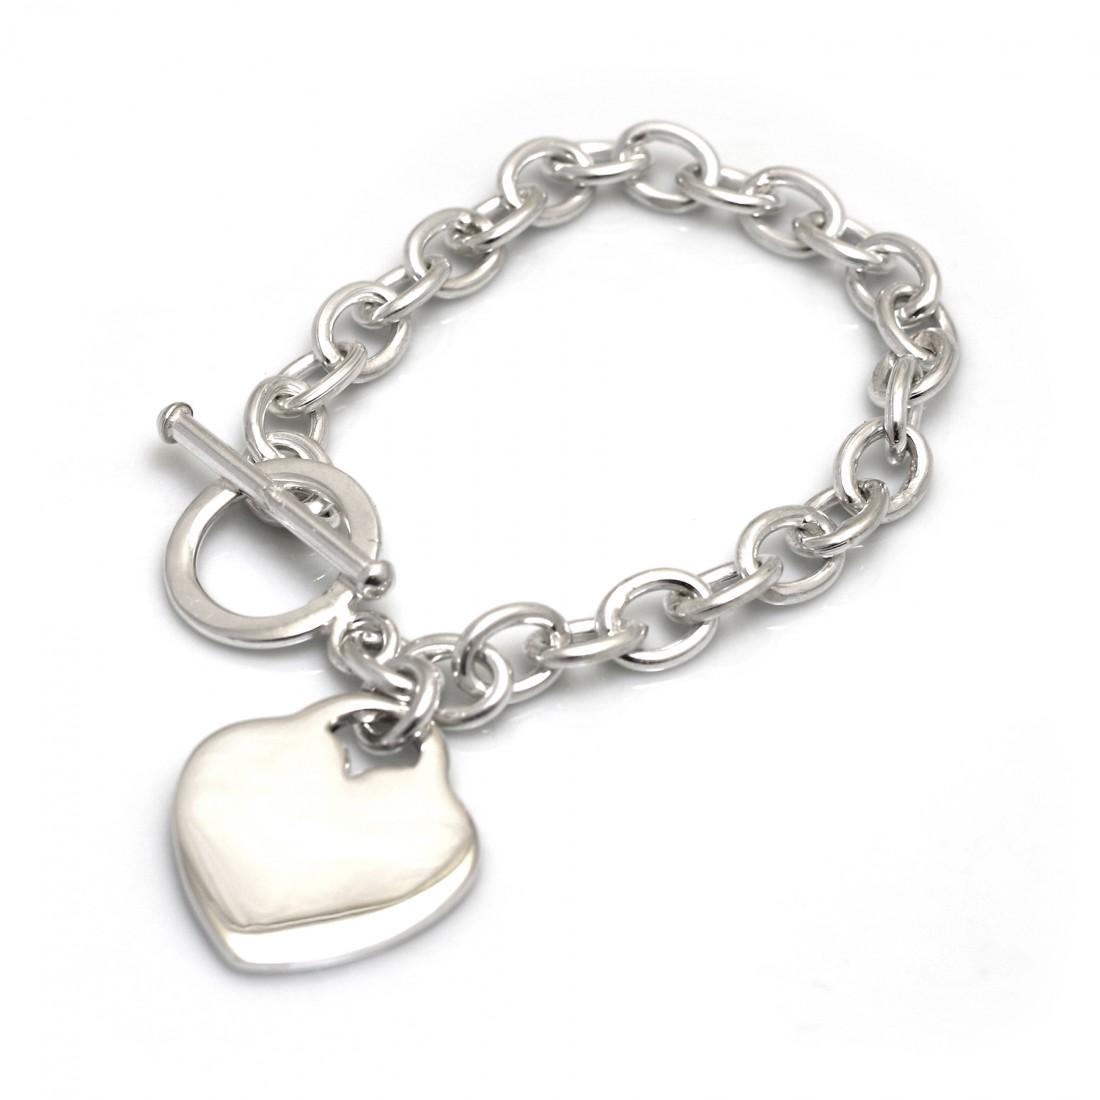 Flat Heart Sterling Silver Fob Bracelet